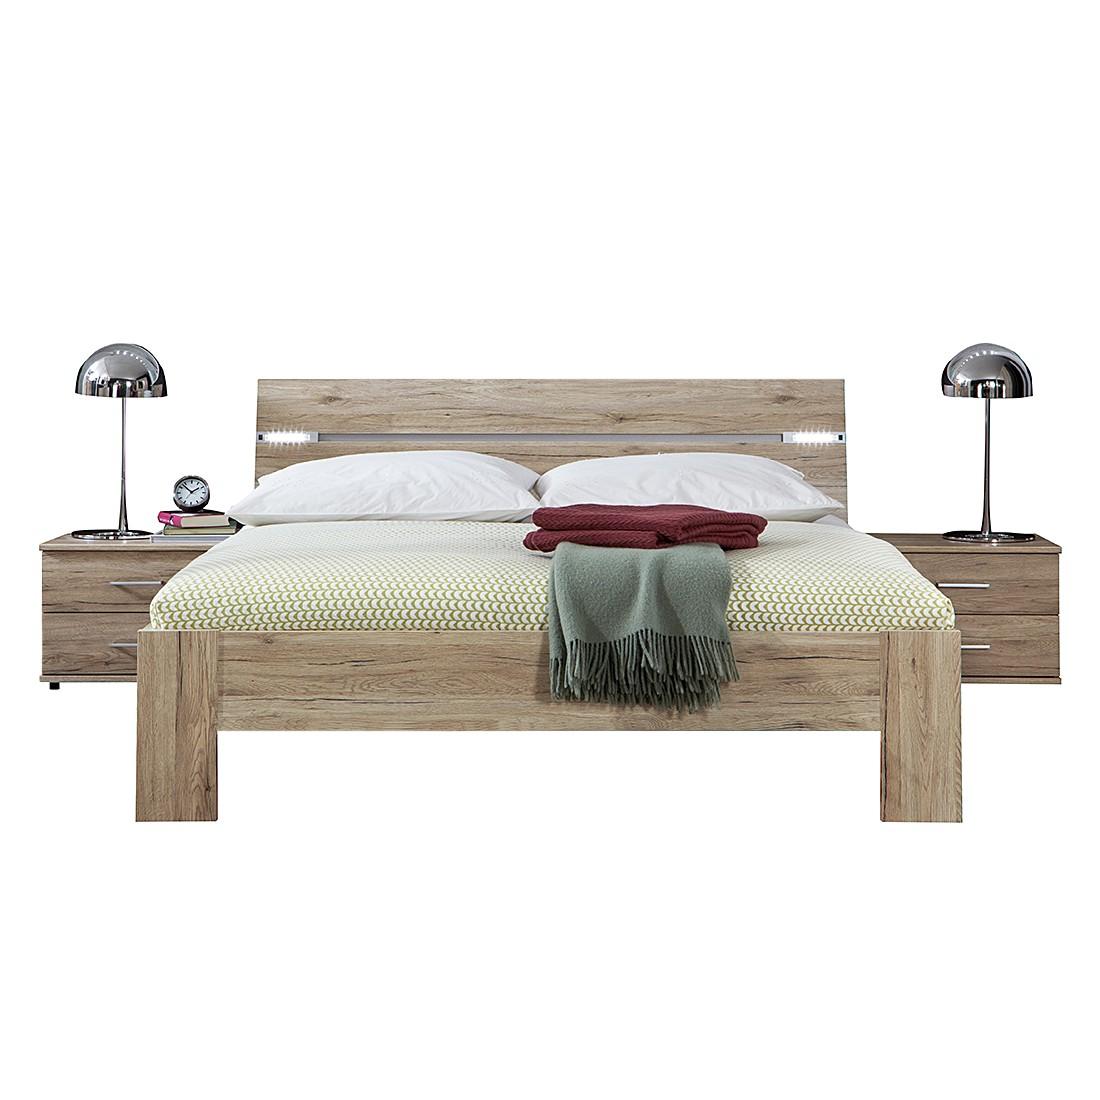 Combinaison de chambre à coucher Saxman (3 éléments) - Imitation chêne de San Remo - Surface de couc